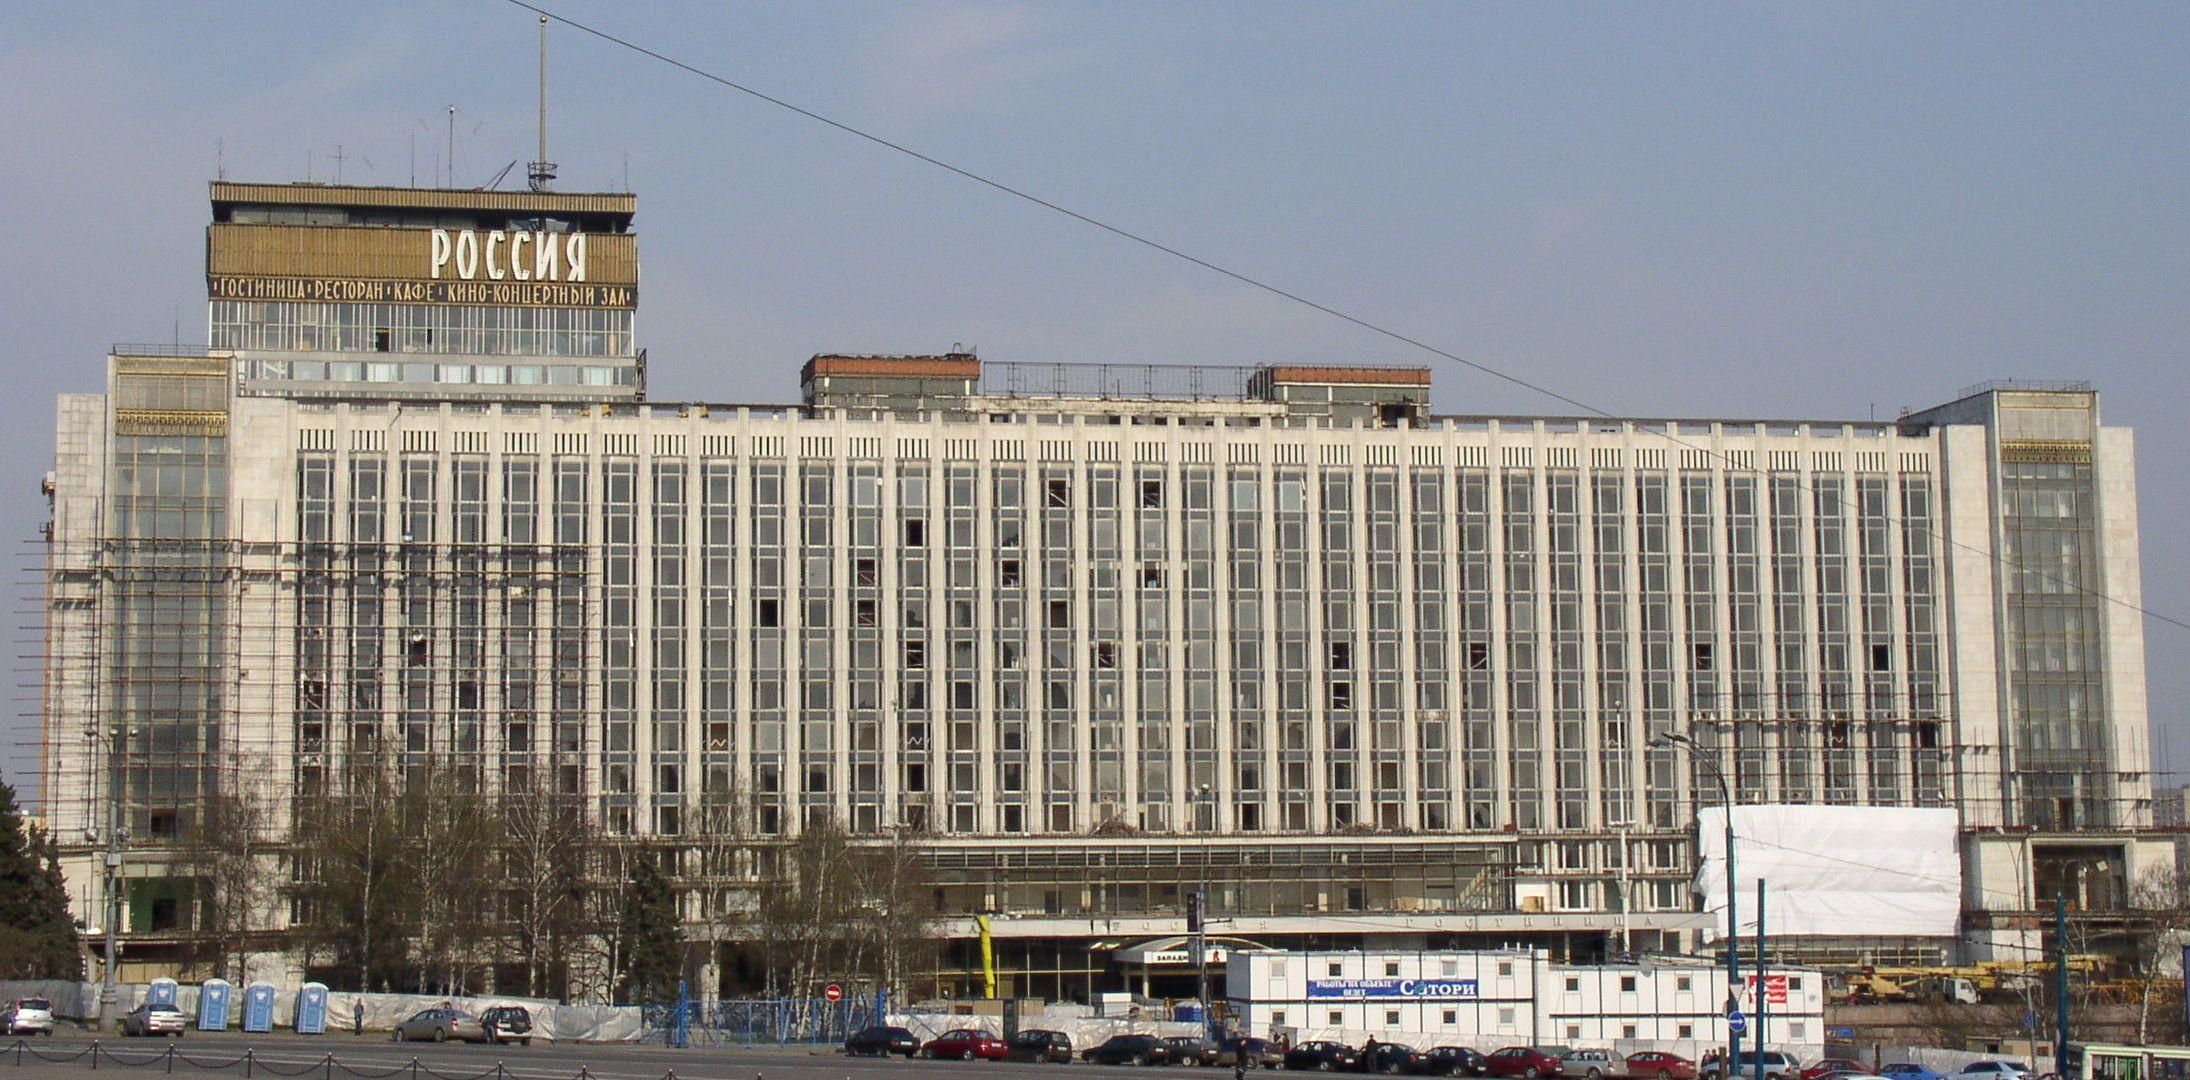 Отель Марриотт Москва Тверская  гостиница 4 звезды на